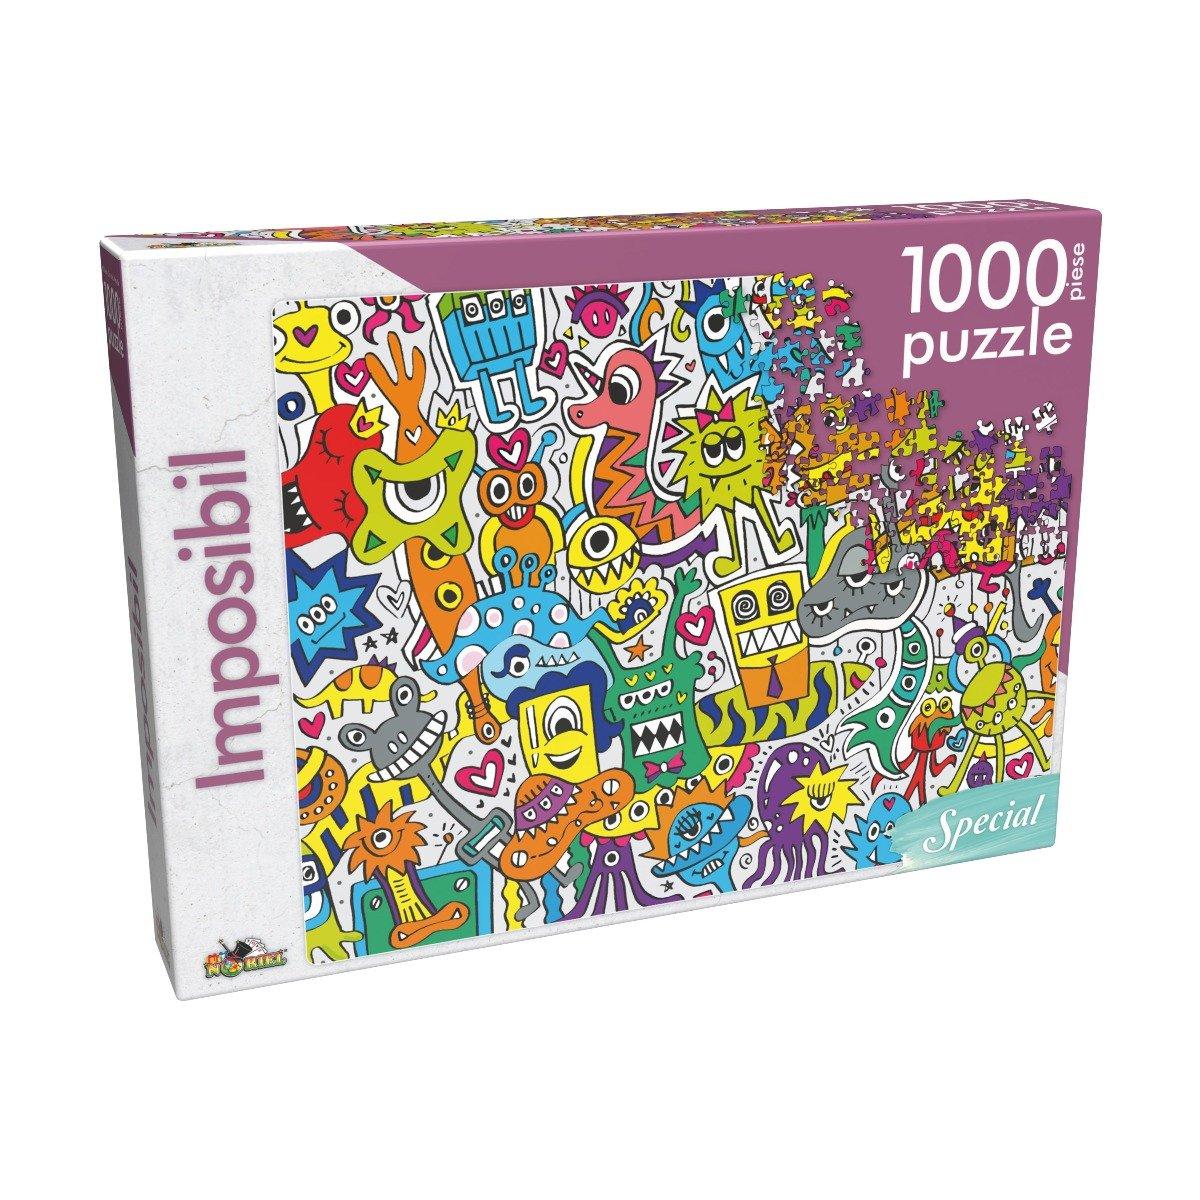 Puzzle clasic Noriel - Imposibil, 1000 piese imagine 2021